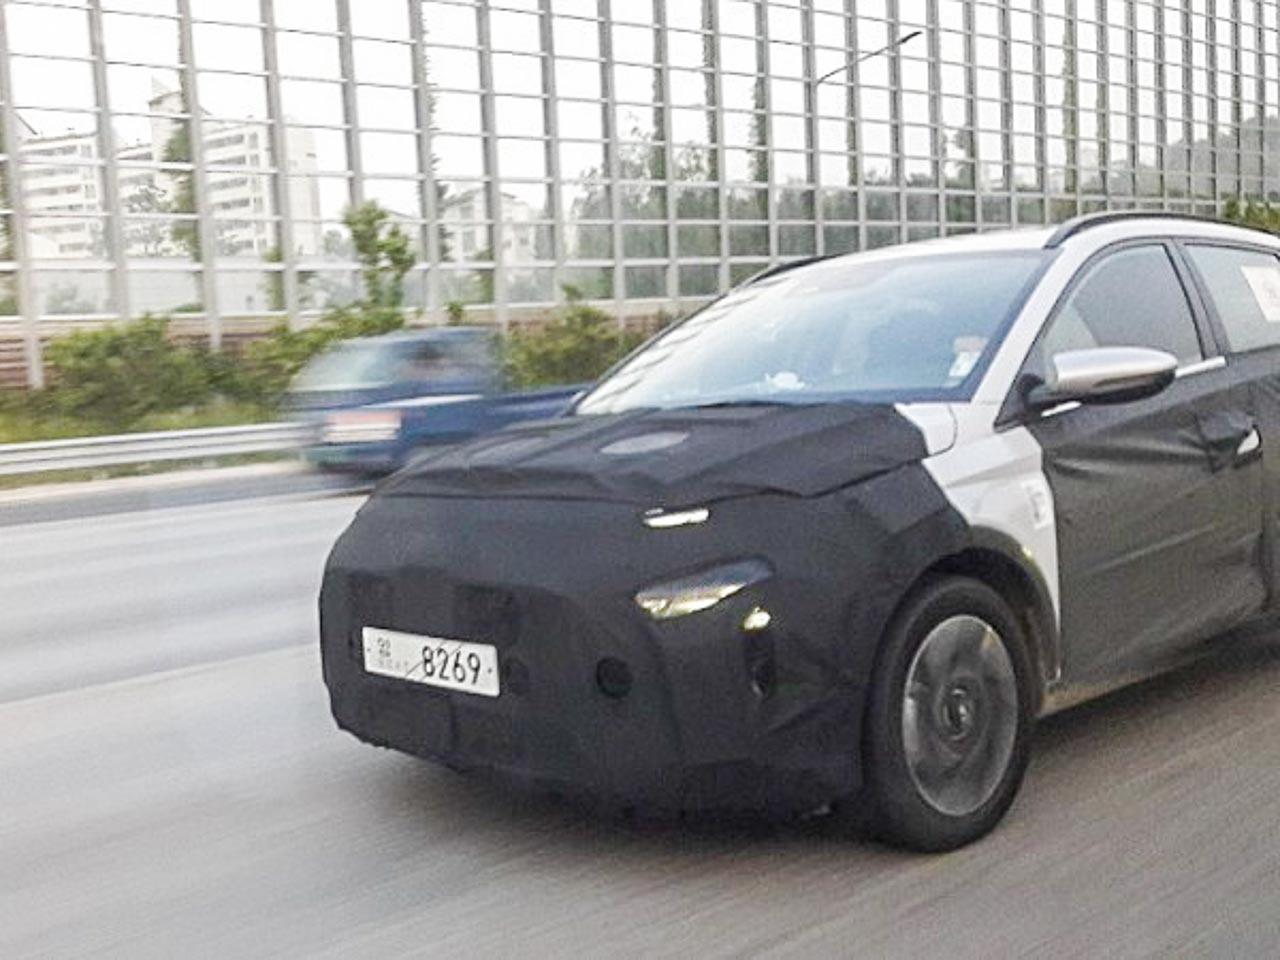 New Hyundai MPV